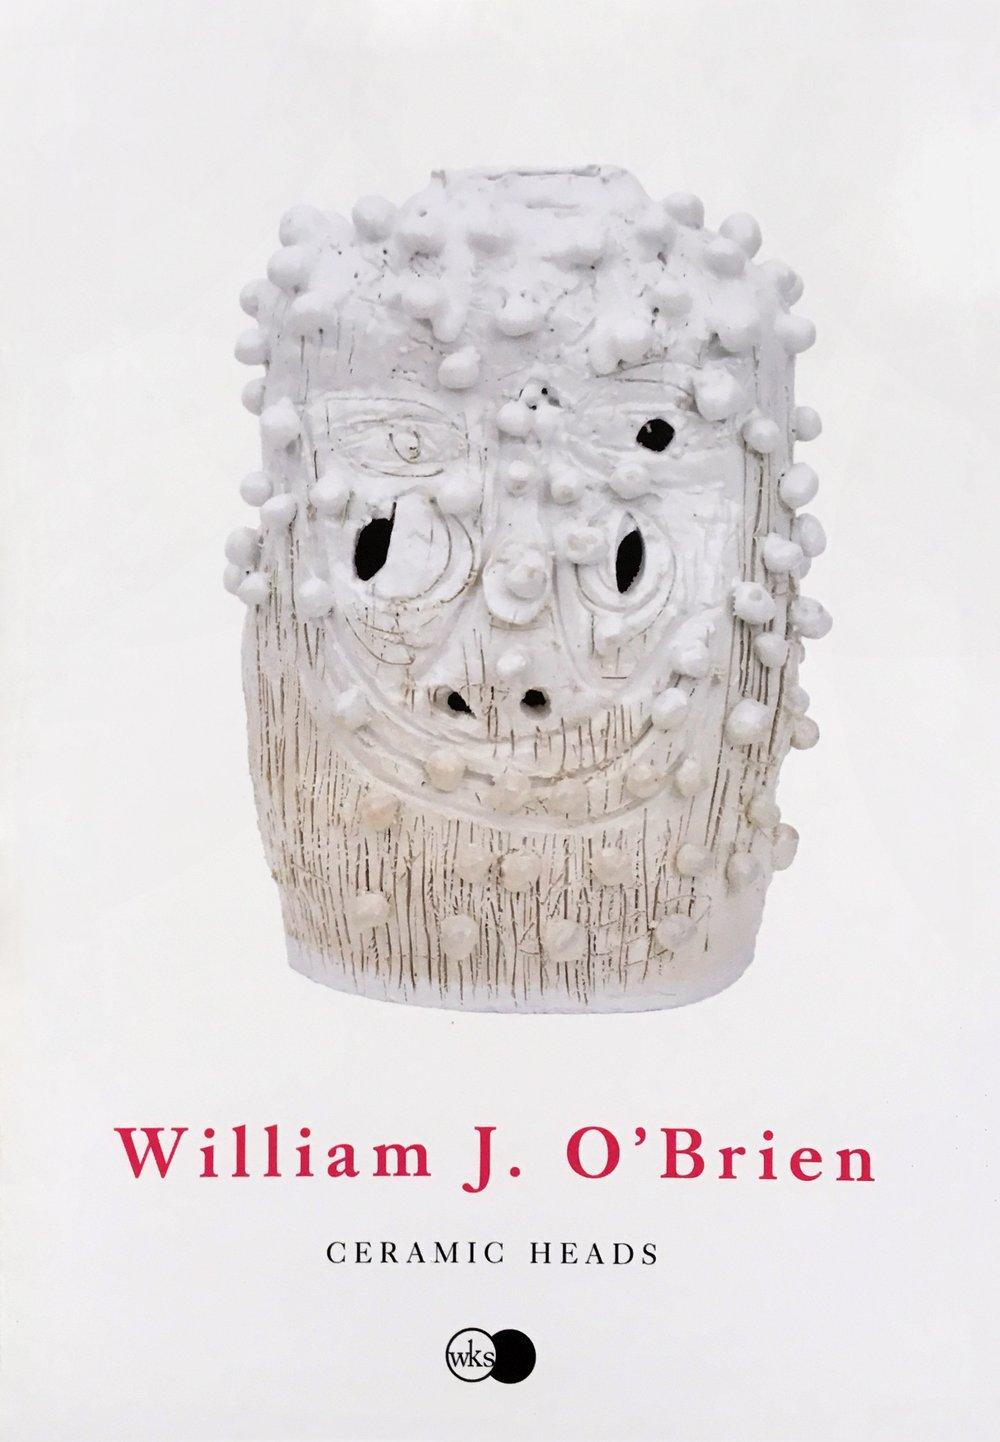 Image of Ceramic Heads Book